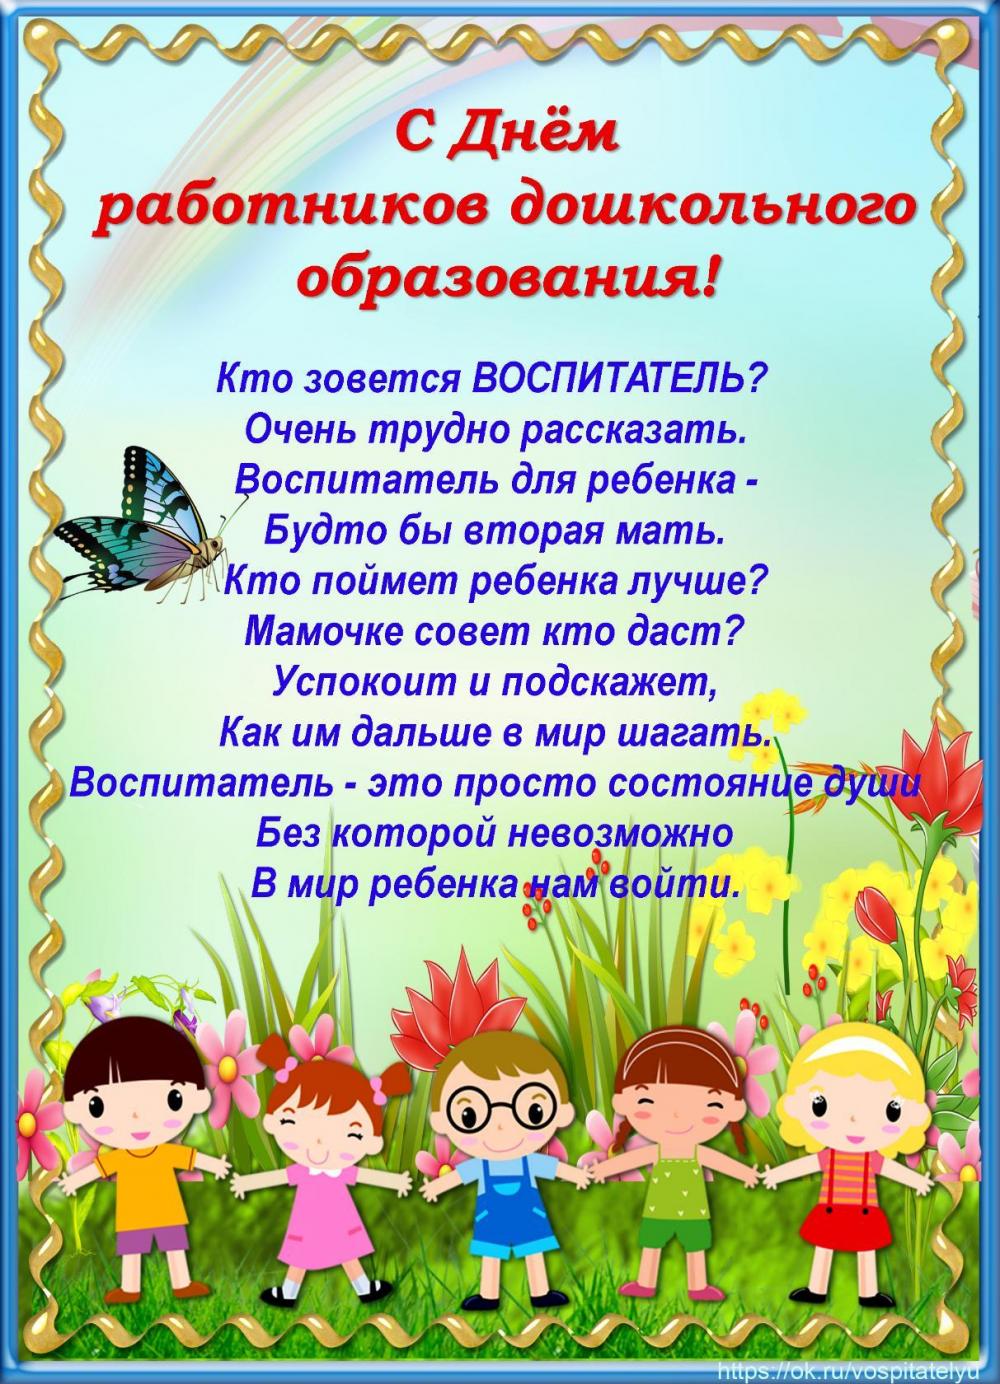 Стихи поздравление с днем дошкольного работника от детей